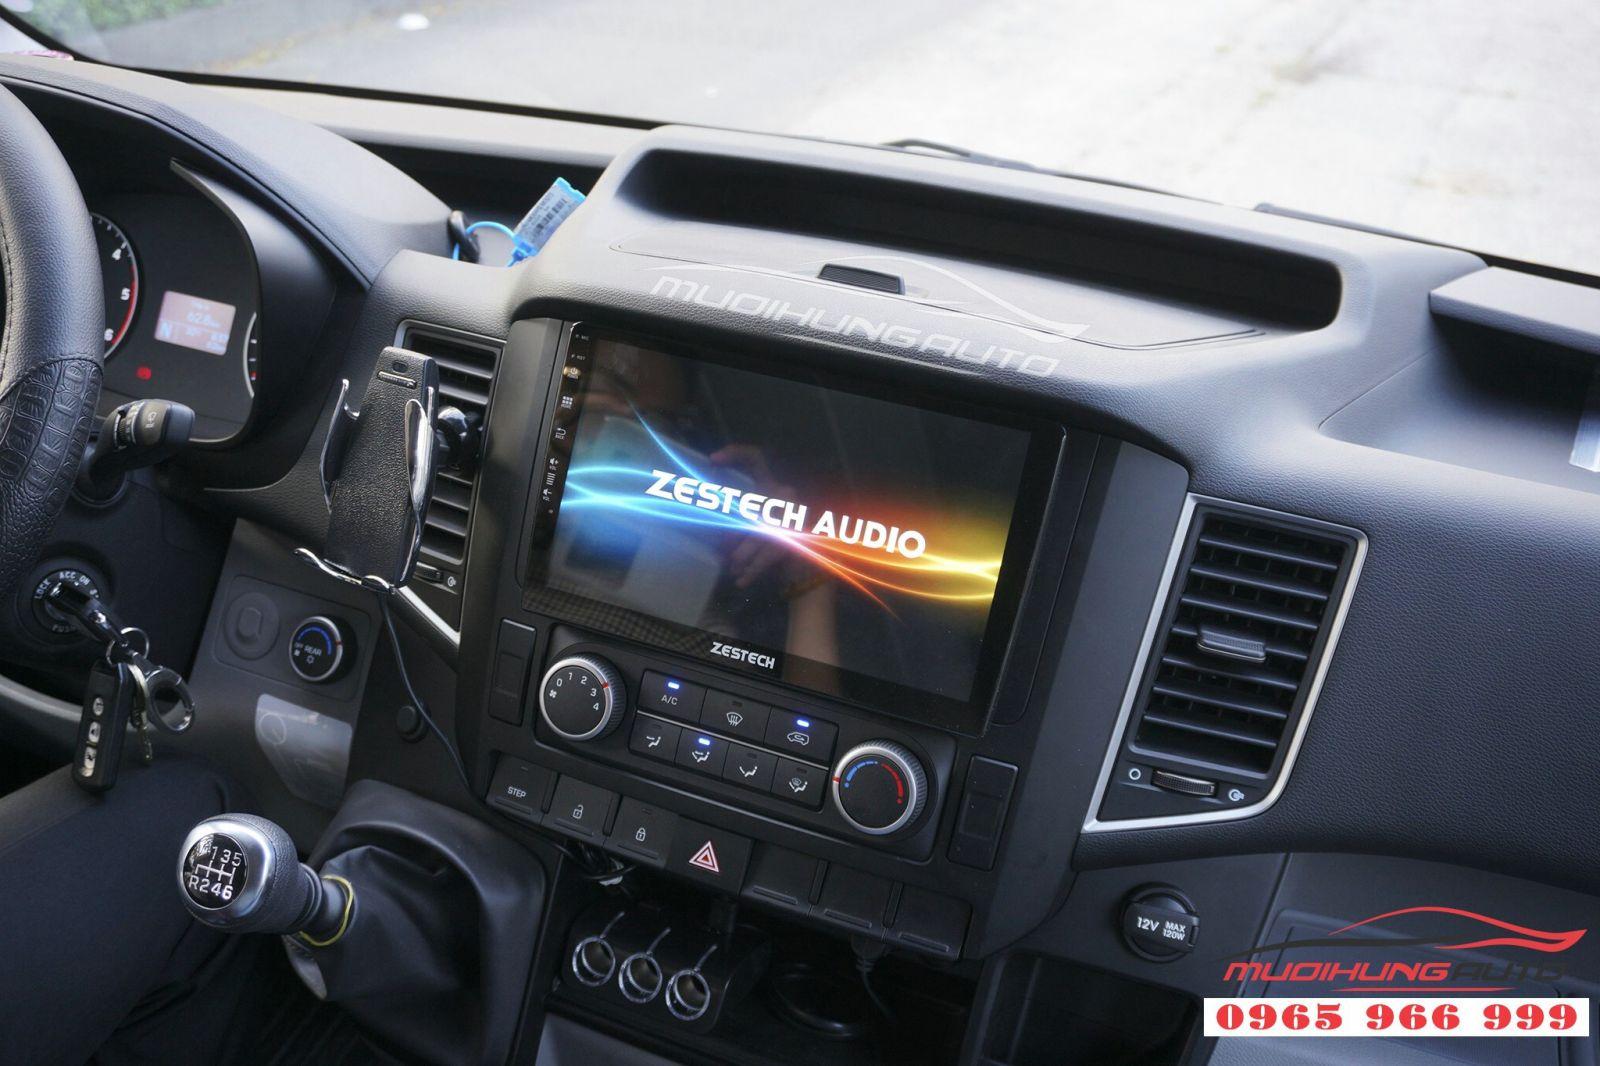 DVD Zestech Z500 khuấy động thị trường phụ kiện ô tô 08